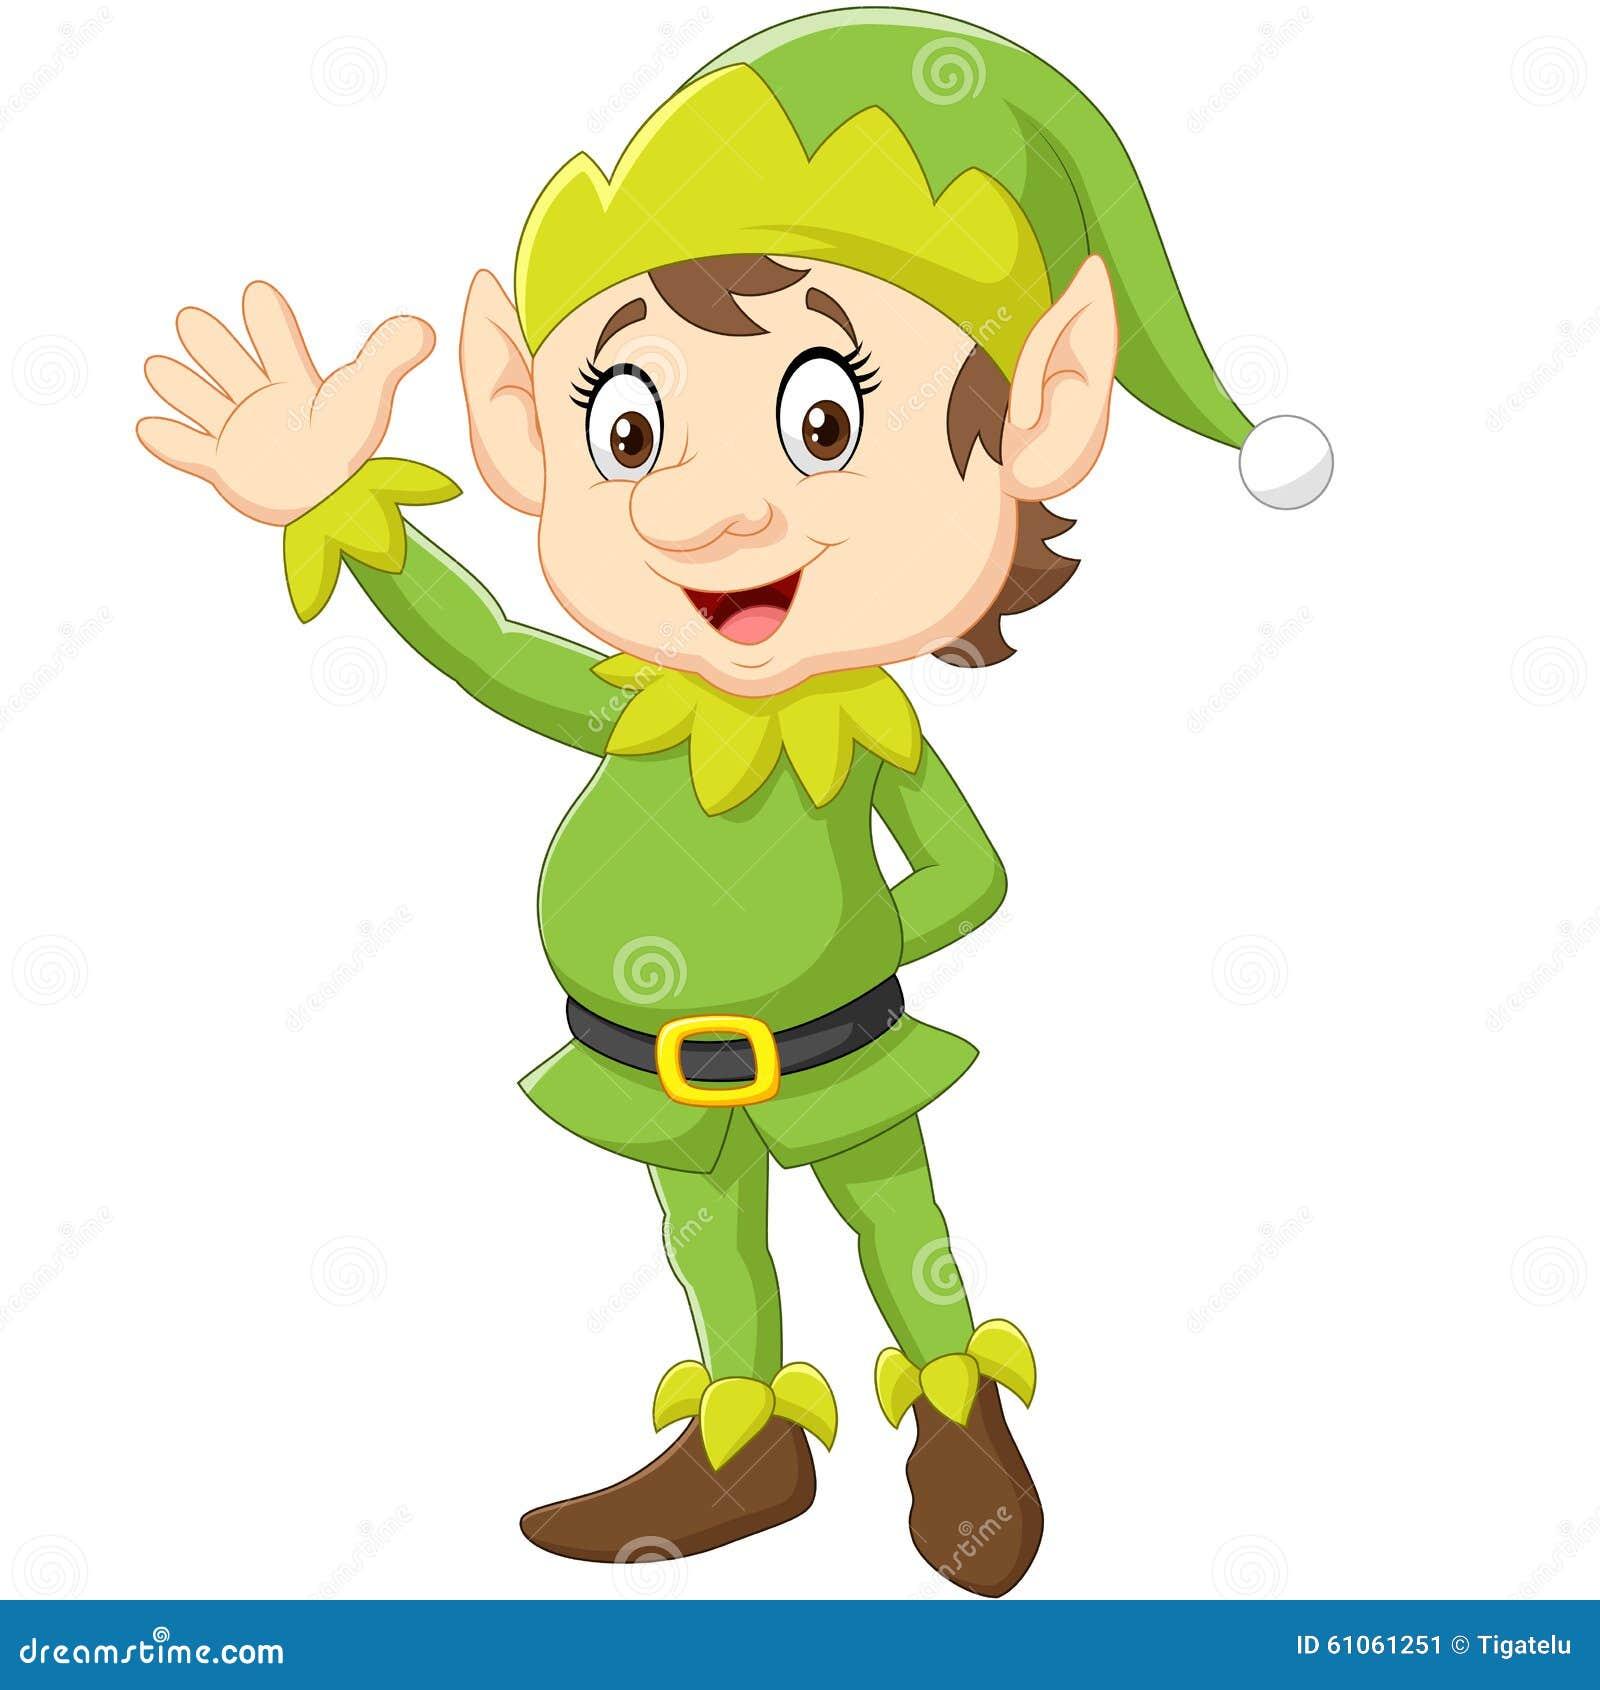 Cartoon Elf Images Stock Photos amp Vectors  Shutterstock